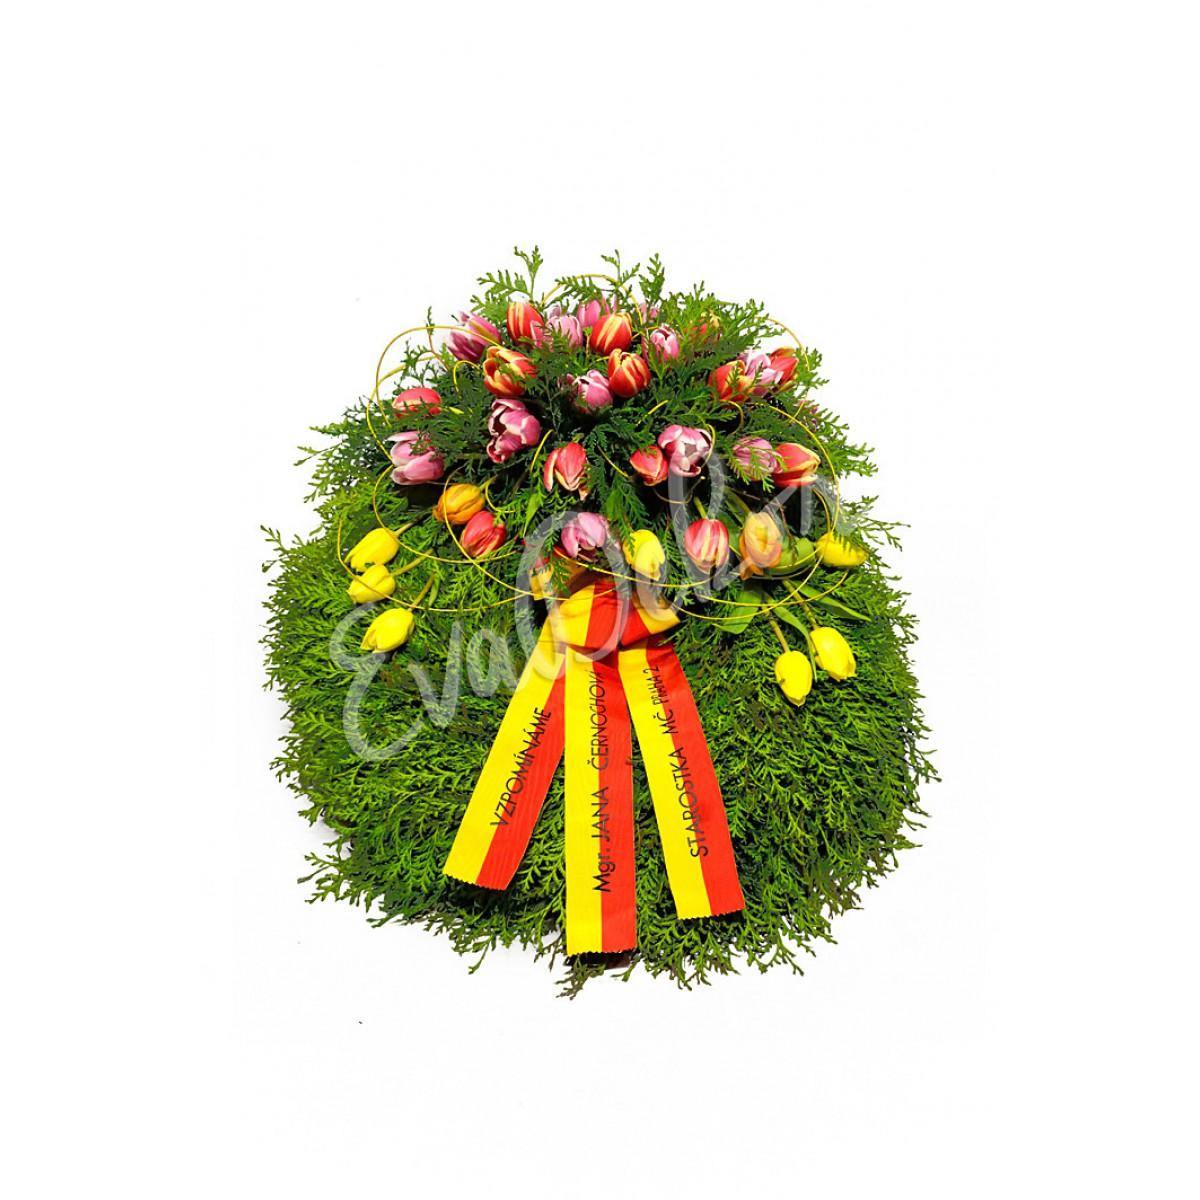 Smuteční věnec Tulipánky - EvaDekor.cz rozvoz květin Praha